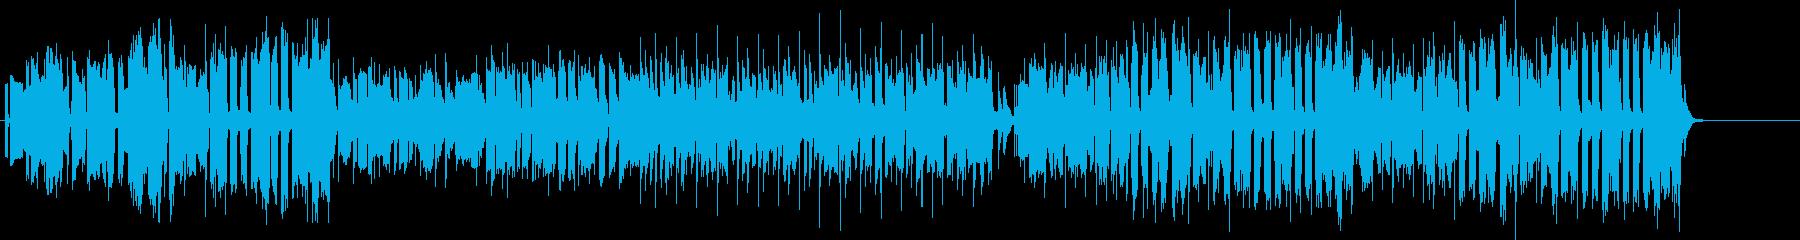 ファミコンとか昔のゲームっぽい曲の再生済みの波形